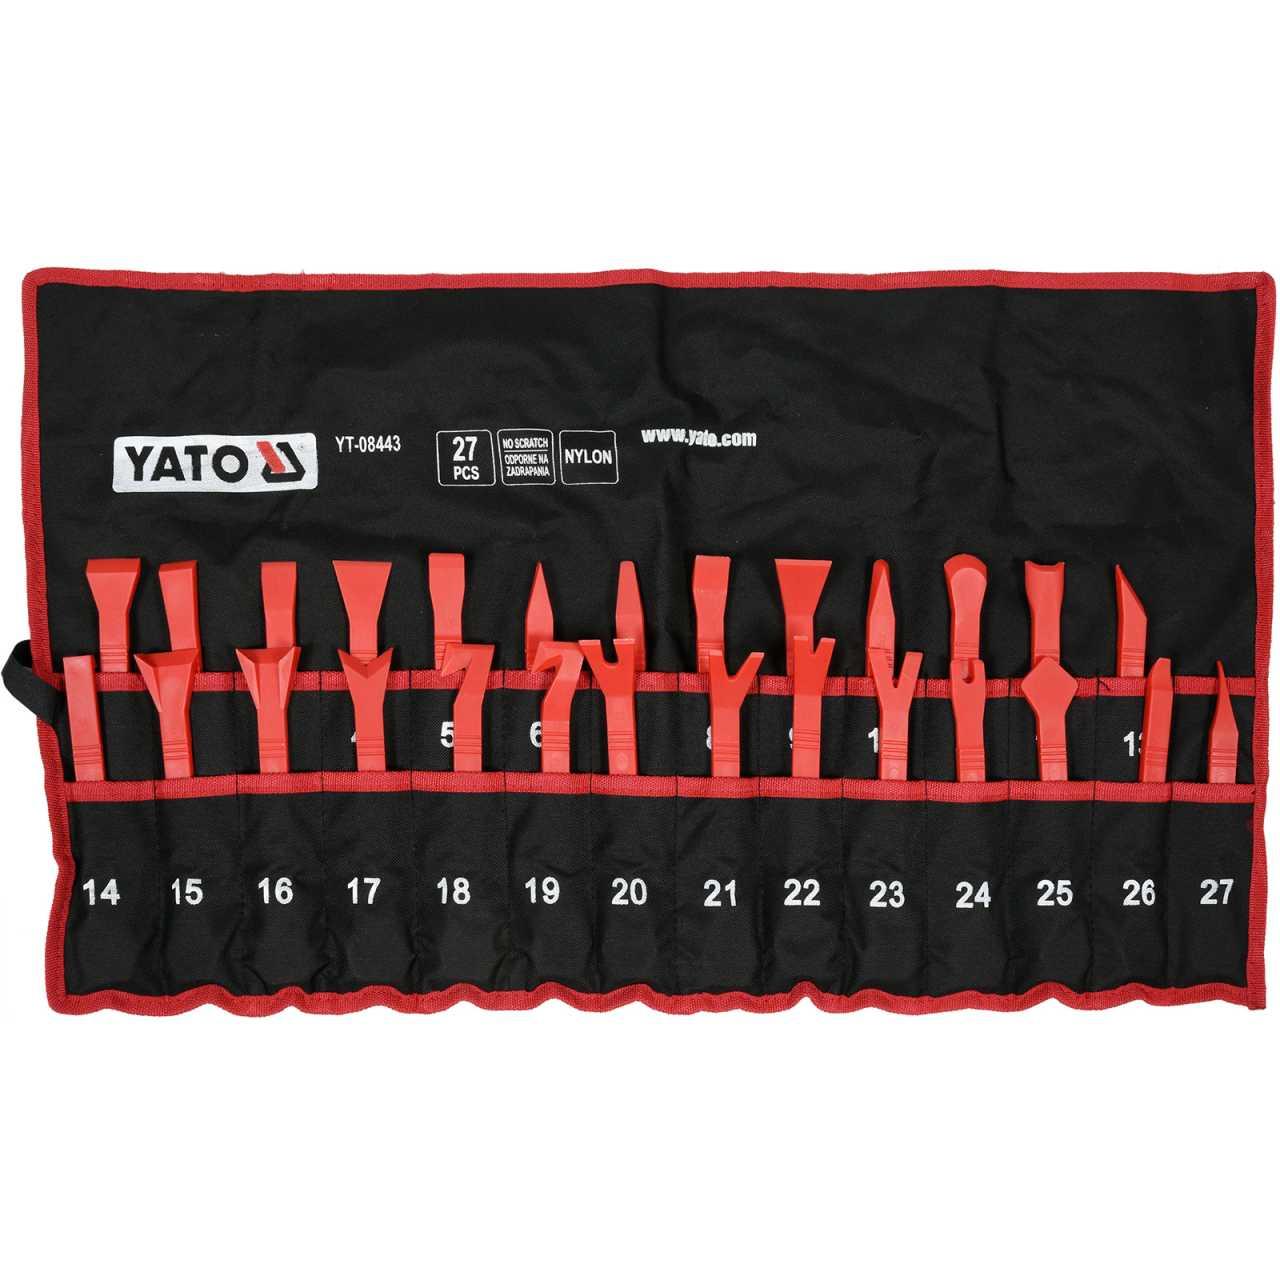 YATO Profi Demontageset für Innenverkleidungen   27 tlg.   in Tasche   YT-08443